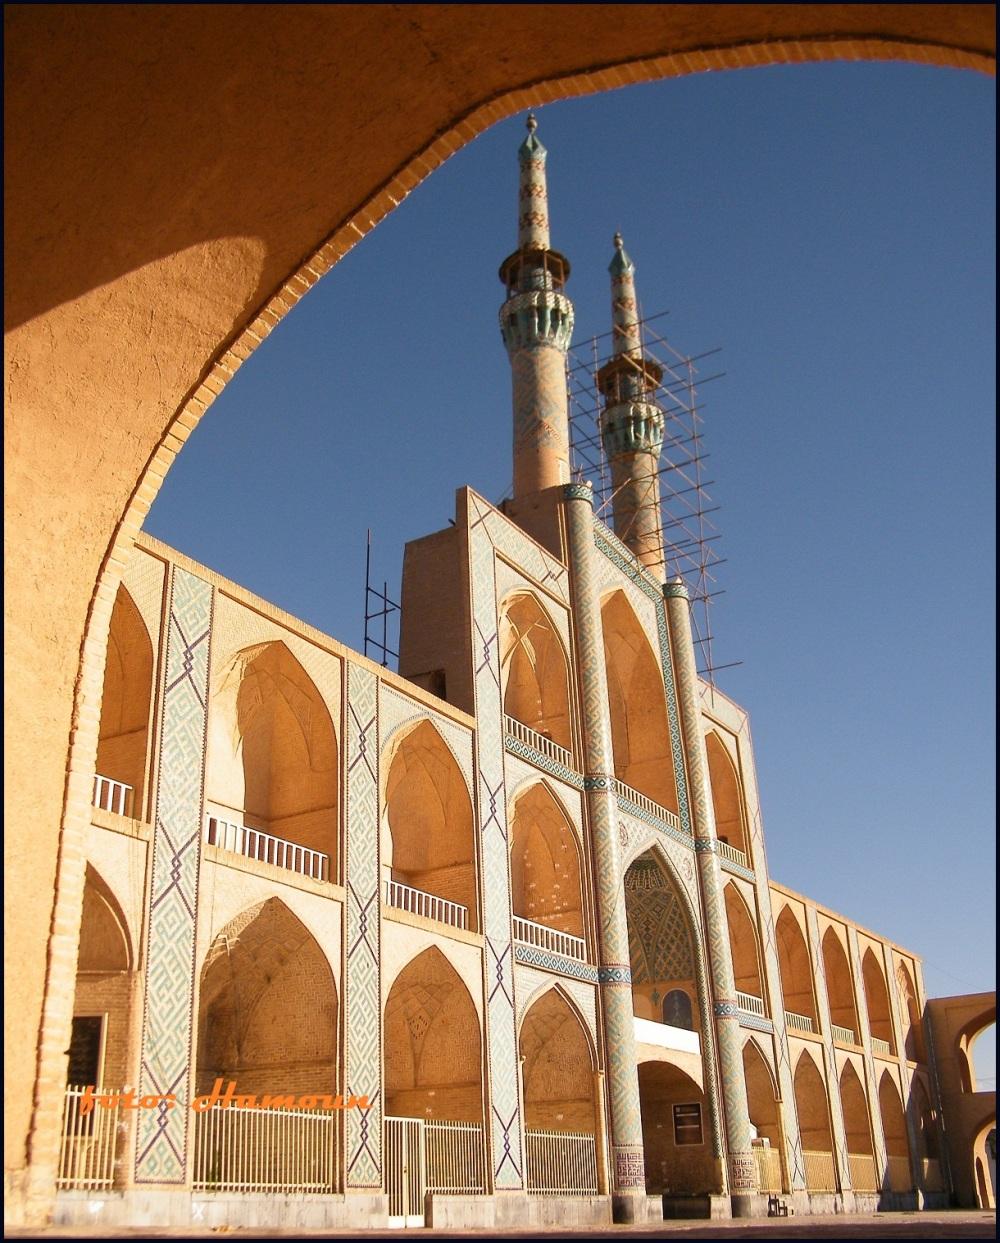 میدان امیر چخماق - یزد - ایران